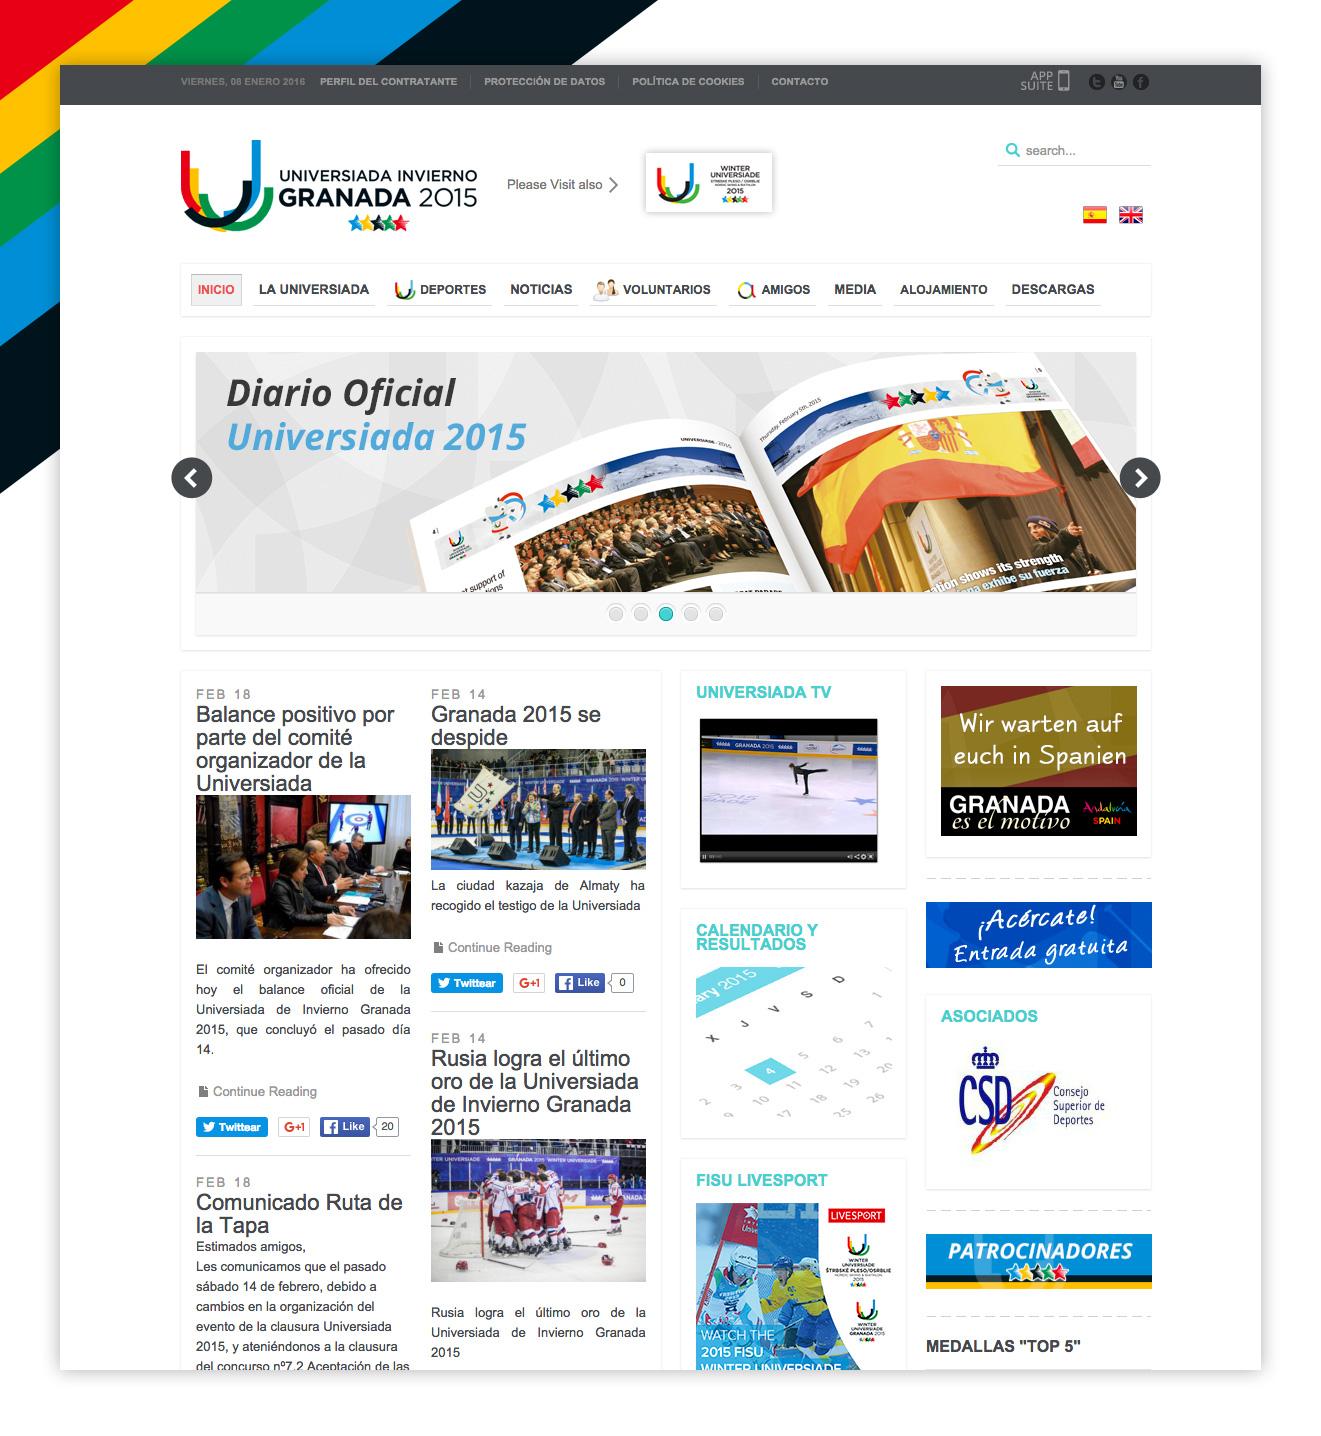 Imagen adicional 2 del proyecto Universiada de Invierno Granada 2015